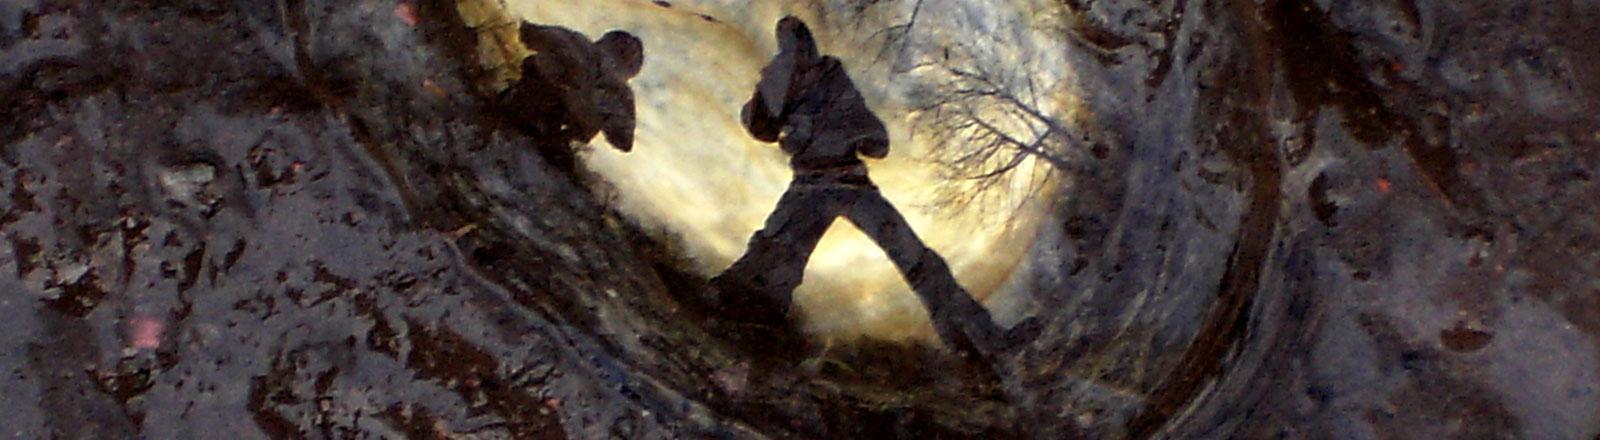 In einer Wasserlache im Schlamm spiegeln sich zwei Menschen